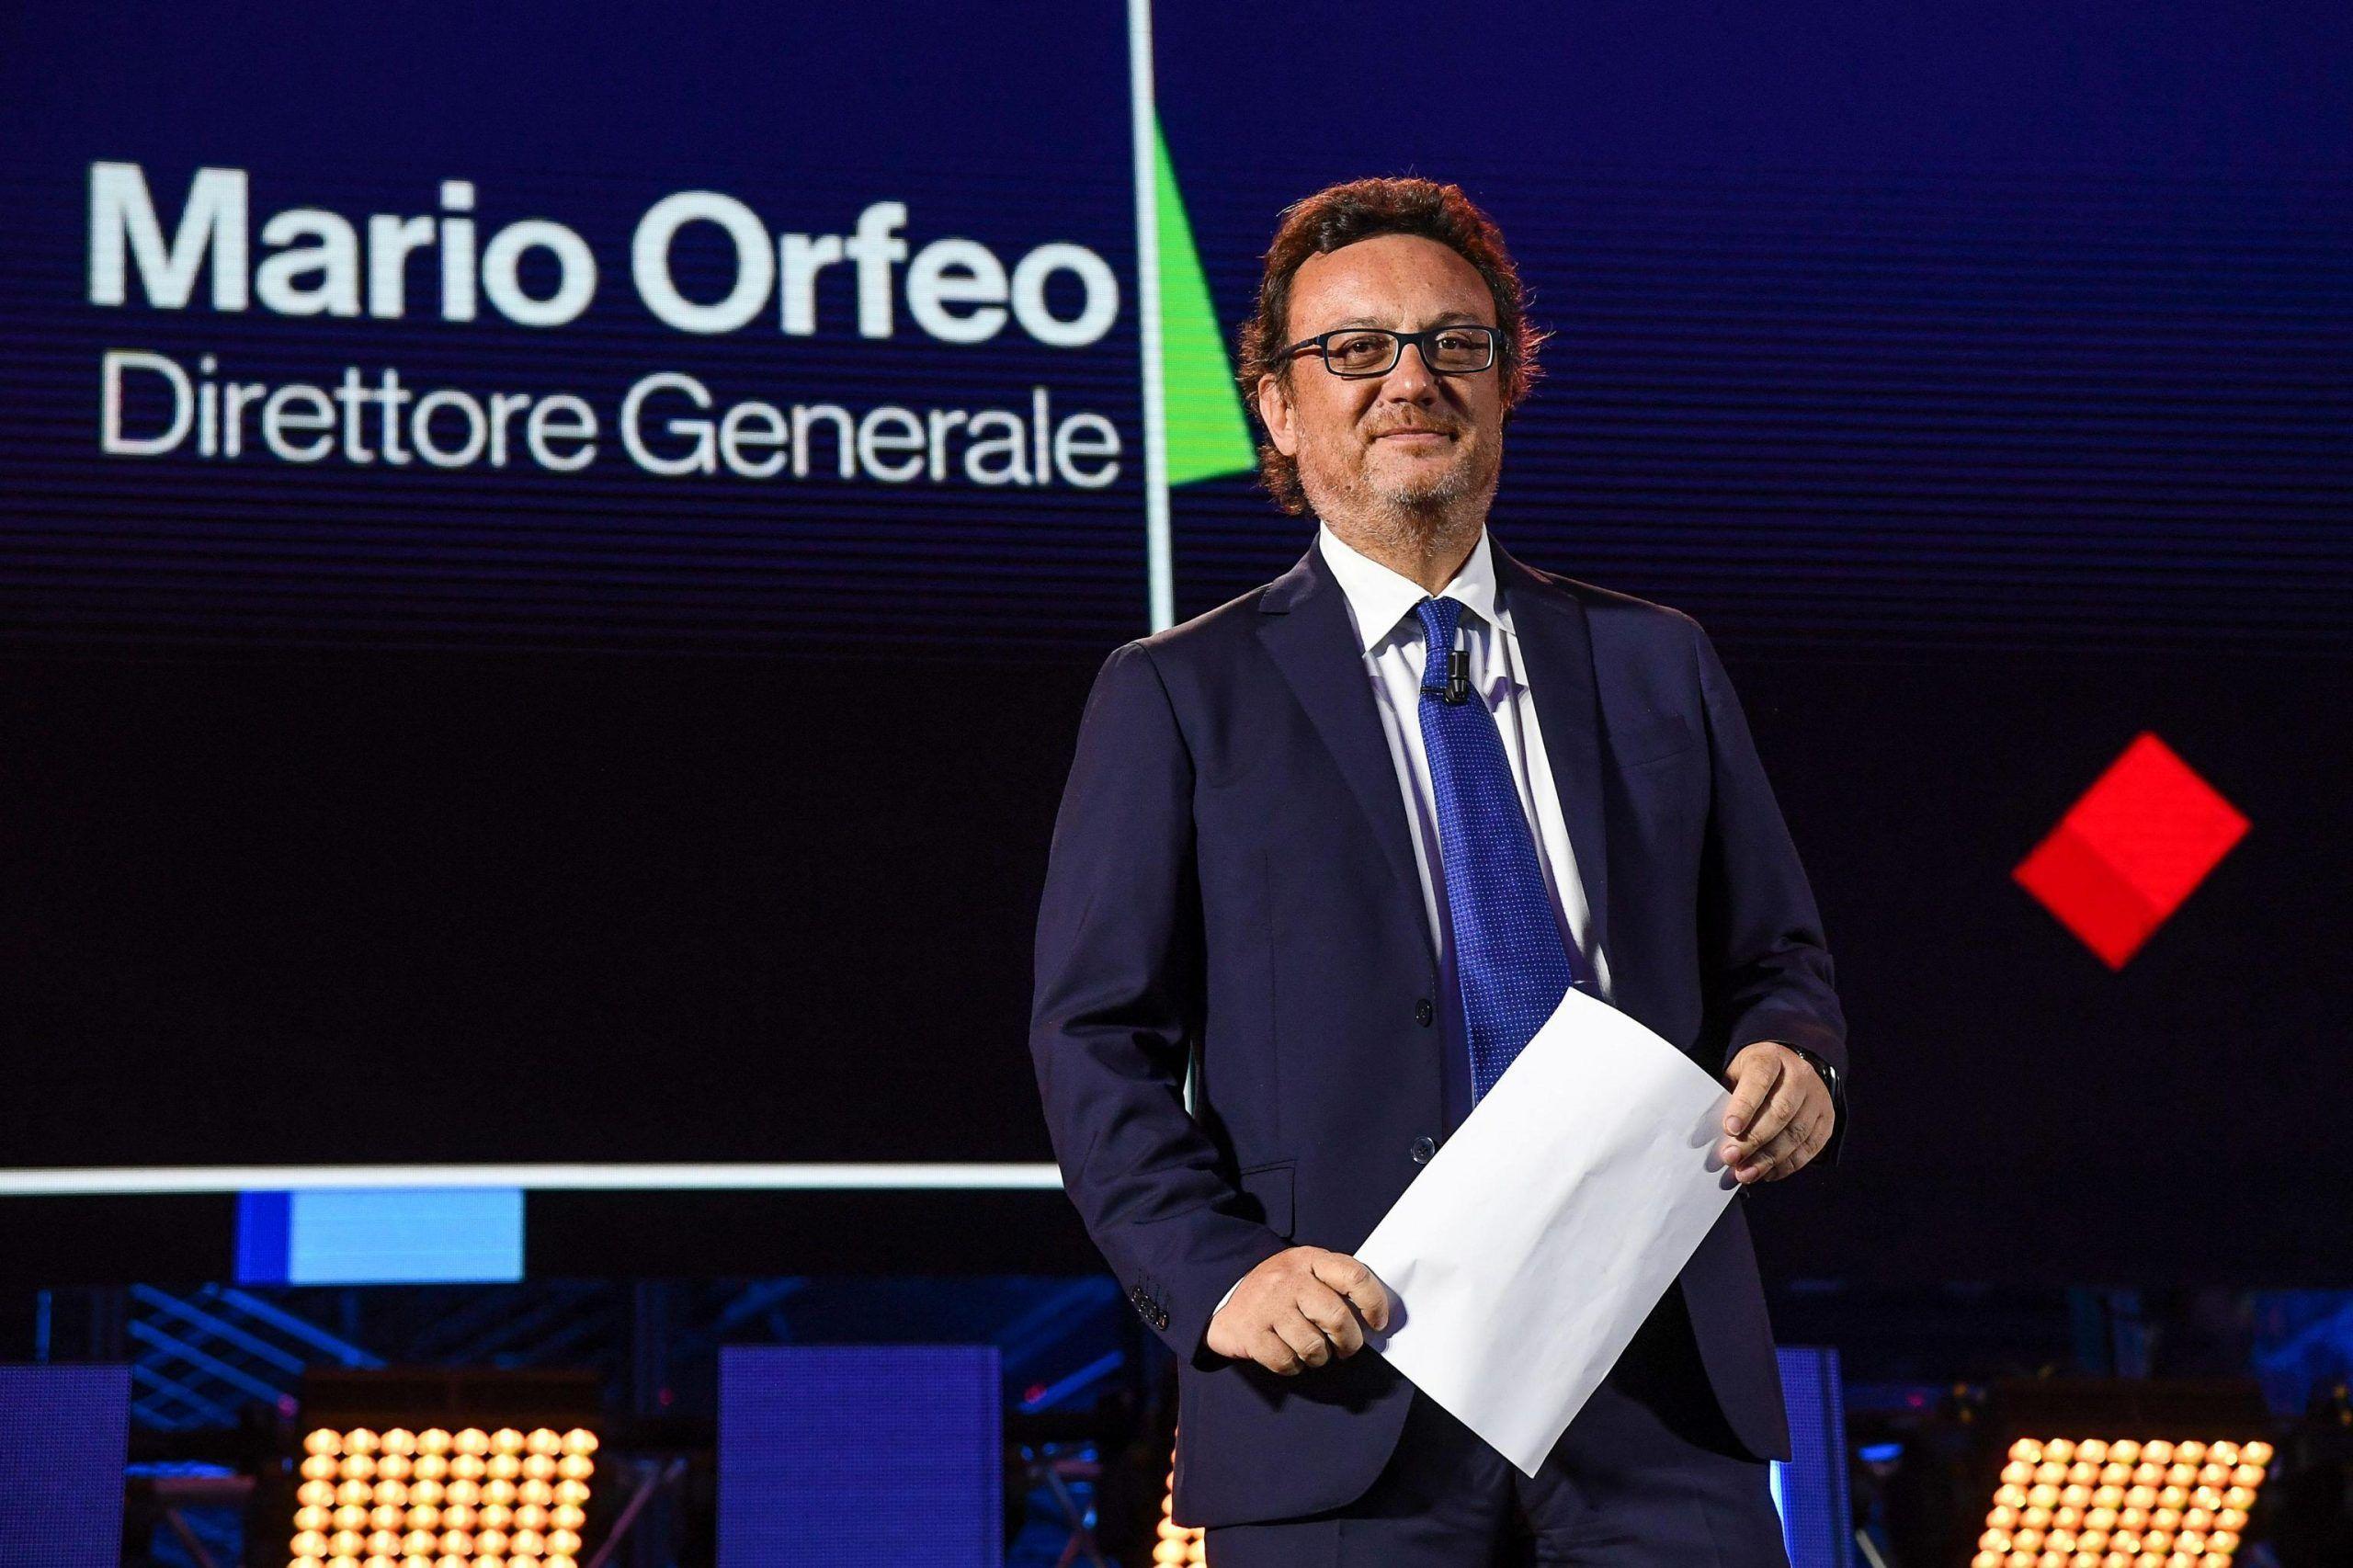 Mario Orfeo replica a Giletti: 'Ho chiuso L'Arena perché non mi piace l'informazione urlata'